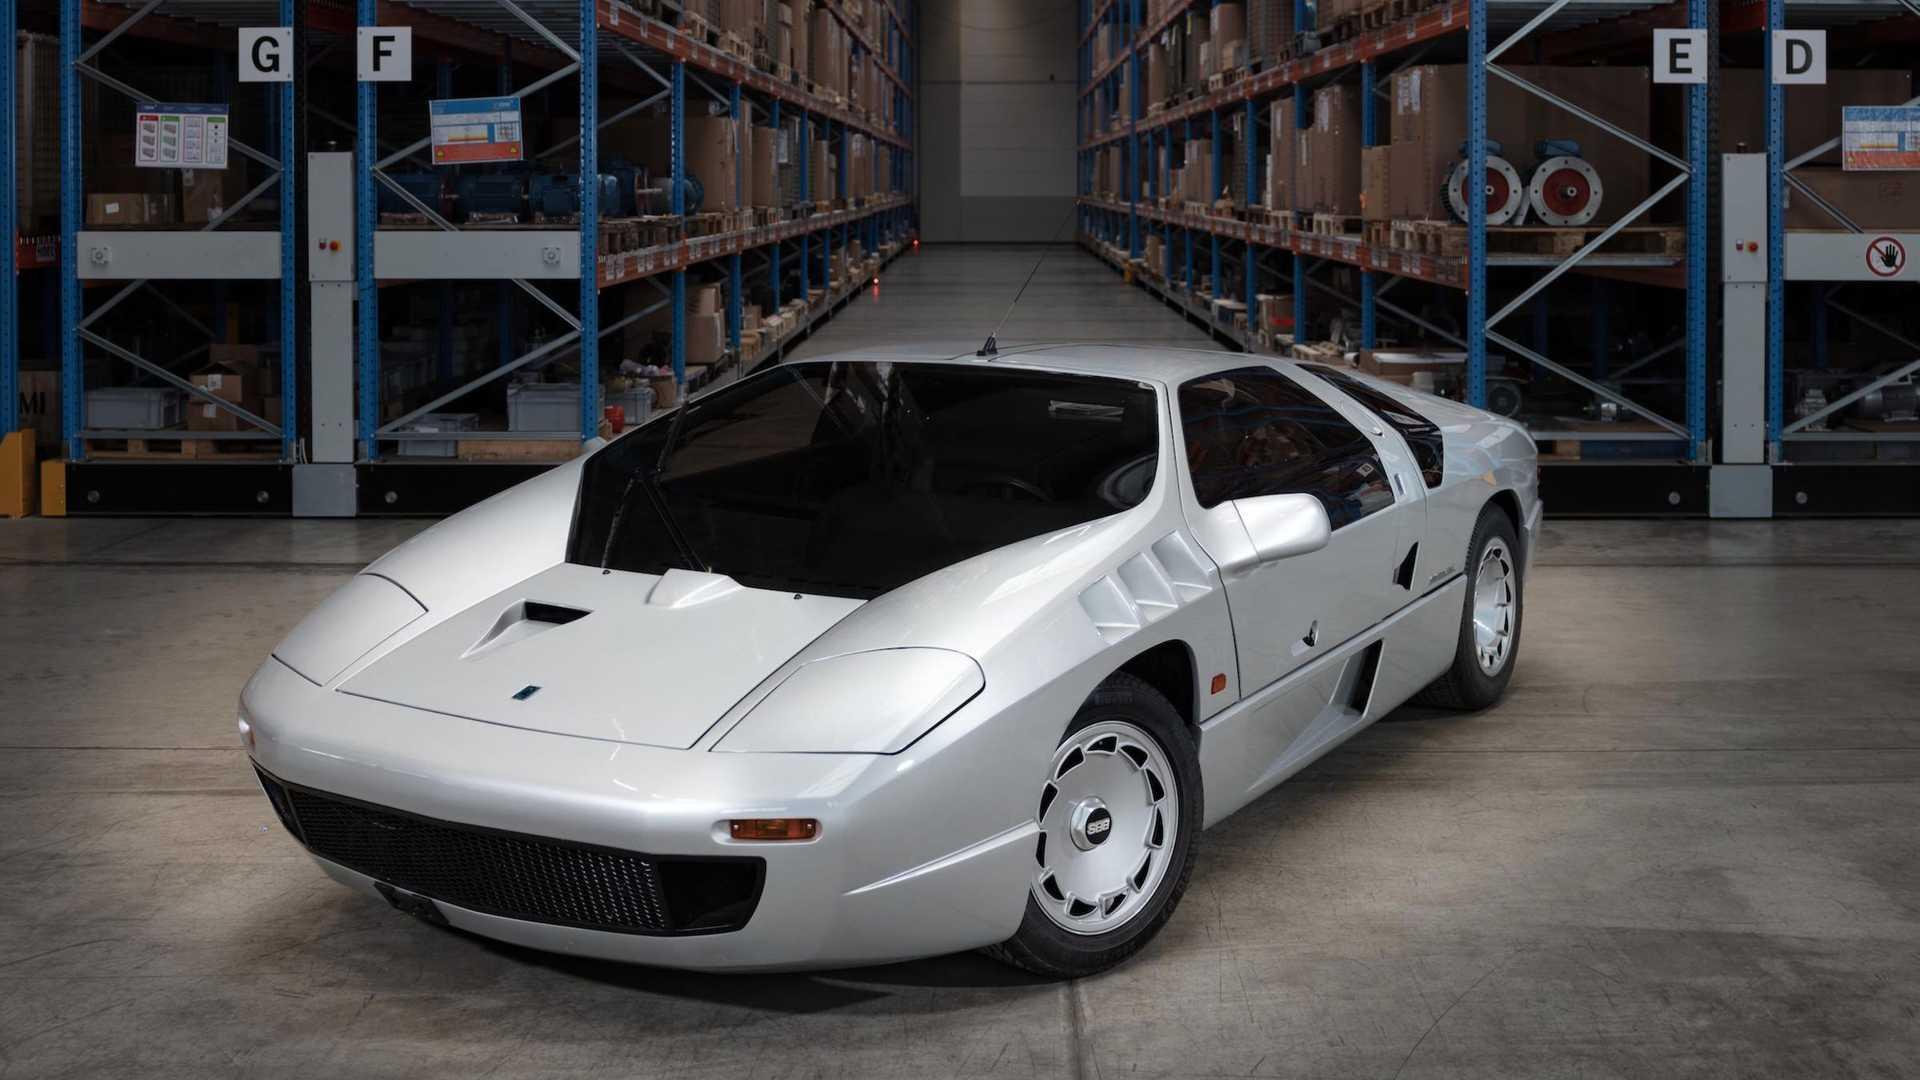 У 1991 році автомобіль піддався оновленню, у процесі якого кузов був трохи видозмінений